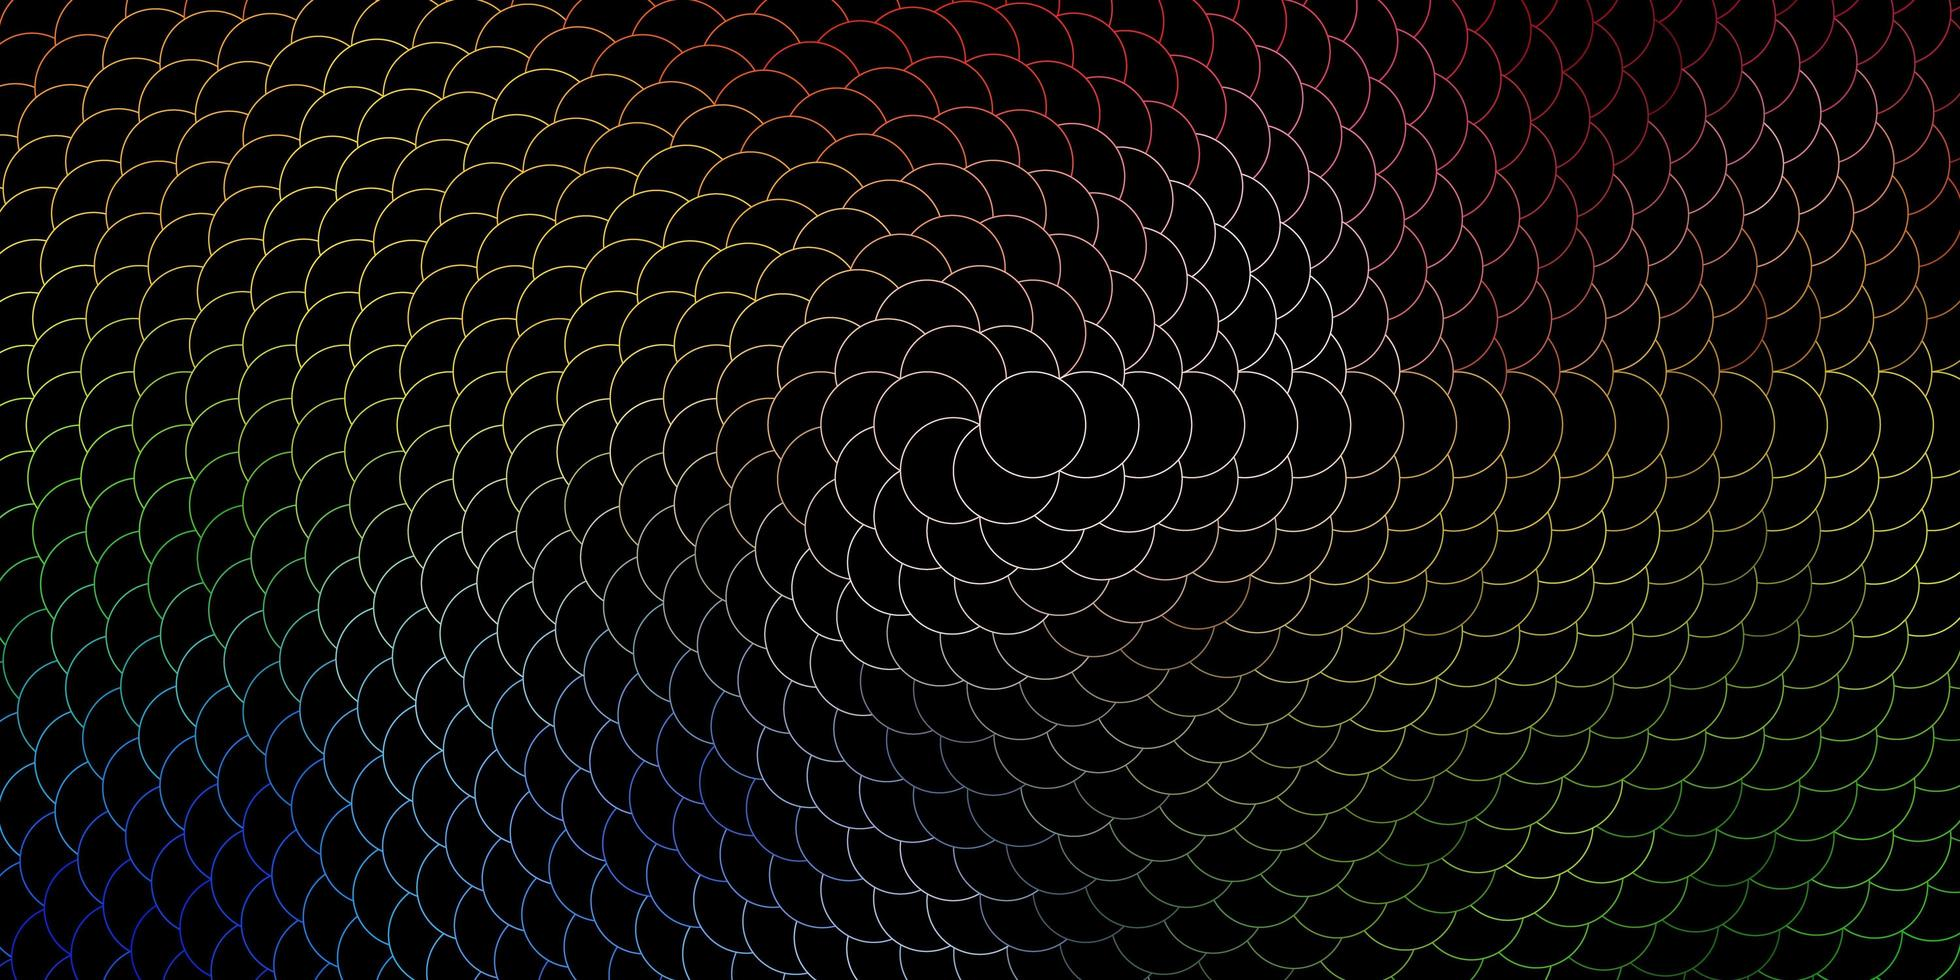 mörk flerfärgad vektorstruktur med skivor. vektor